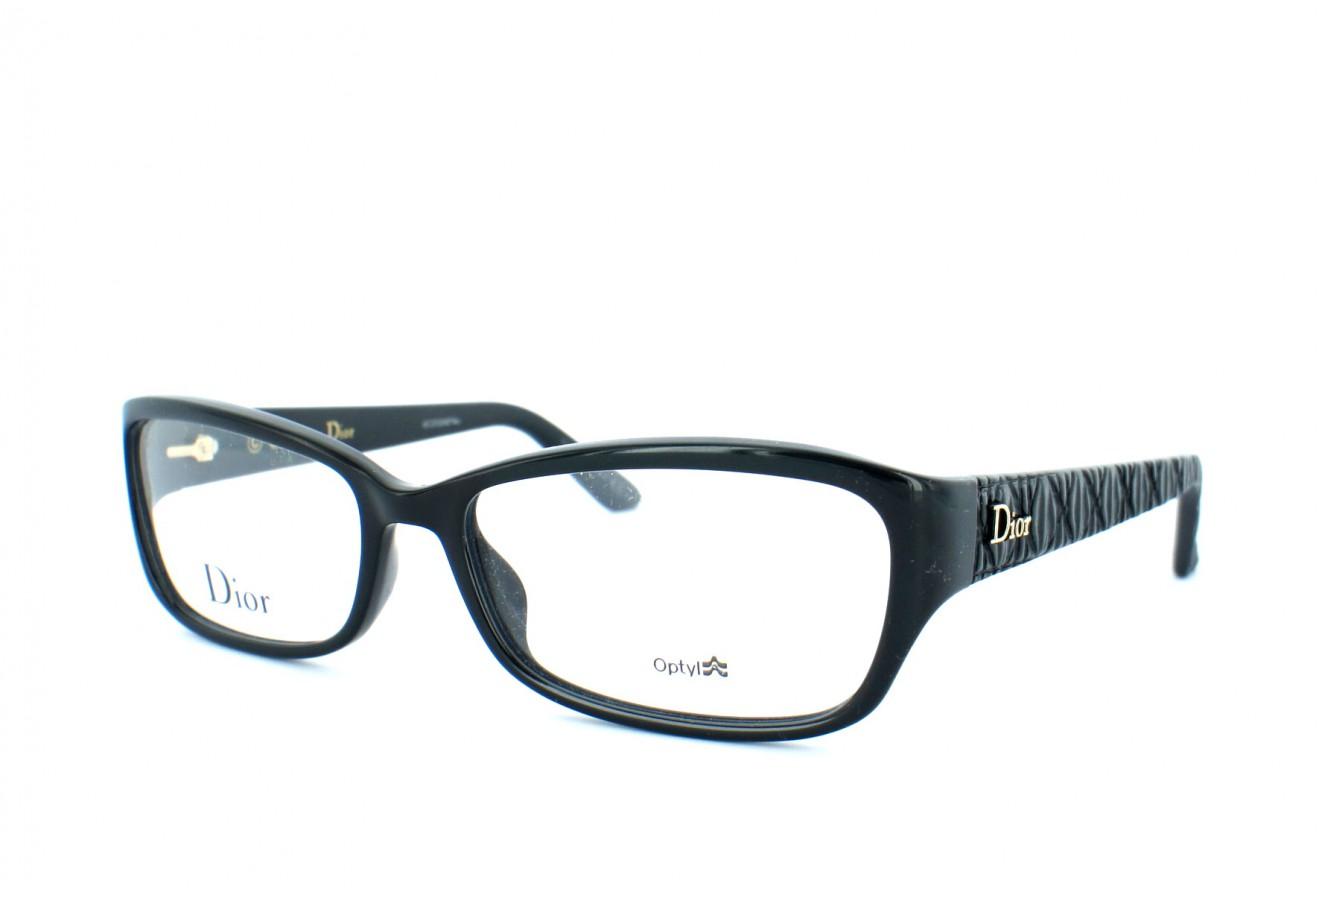 Parce que nos lunettes sont importantes